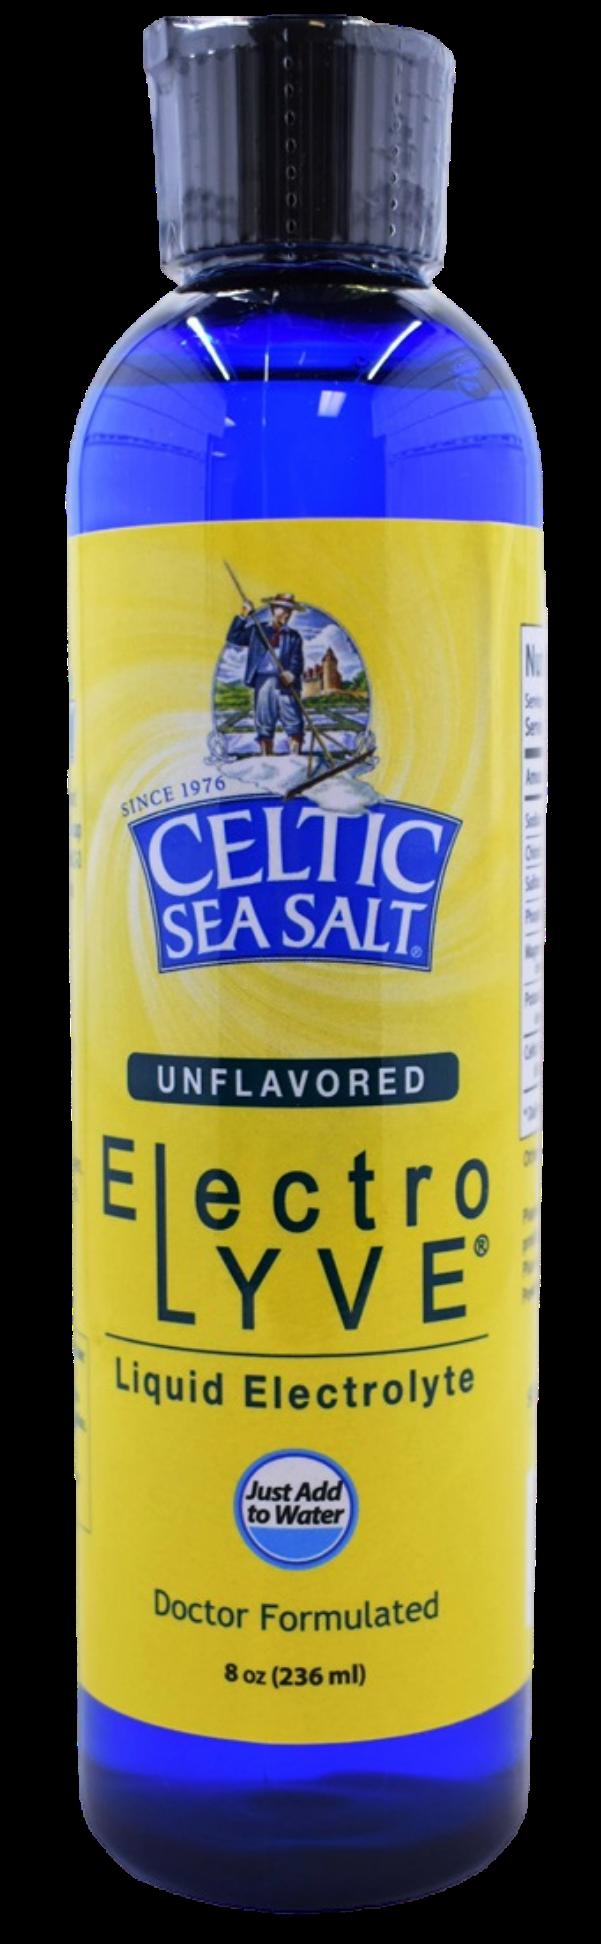 Bottle of Celtic Sea Salt Electrolyve Liquid 8 oz bottle